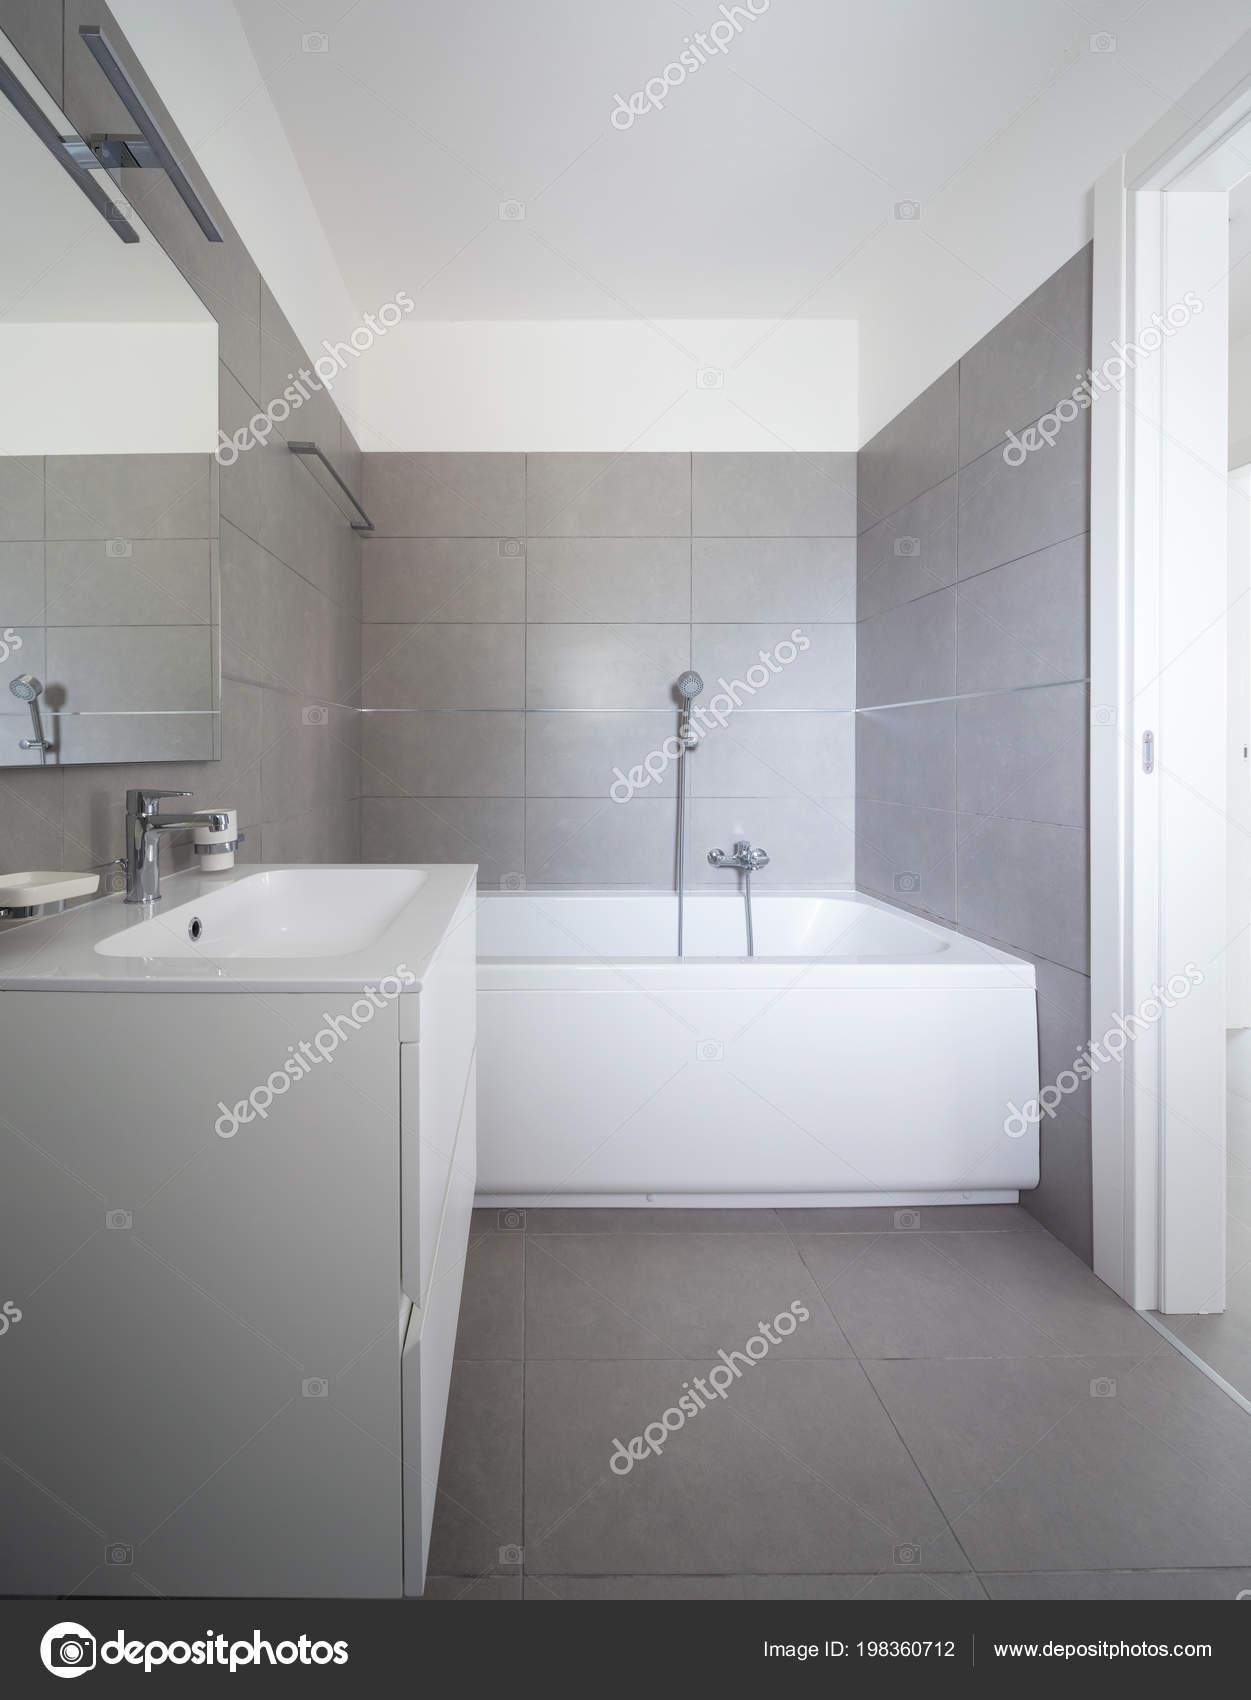 Salle Bains Moderne Avec Grands Carreaux Dans Appartement Tout Neuf ...